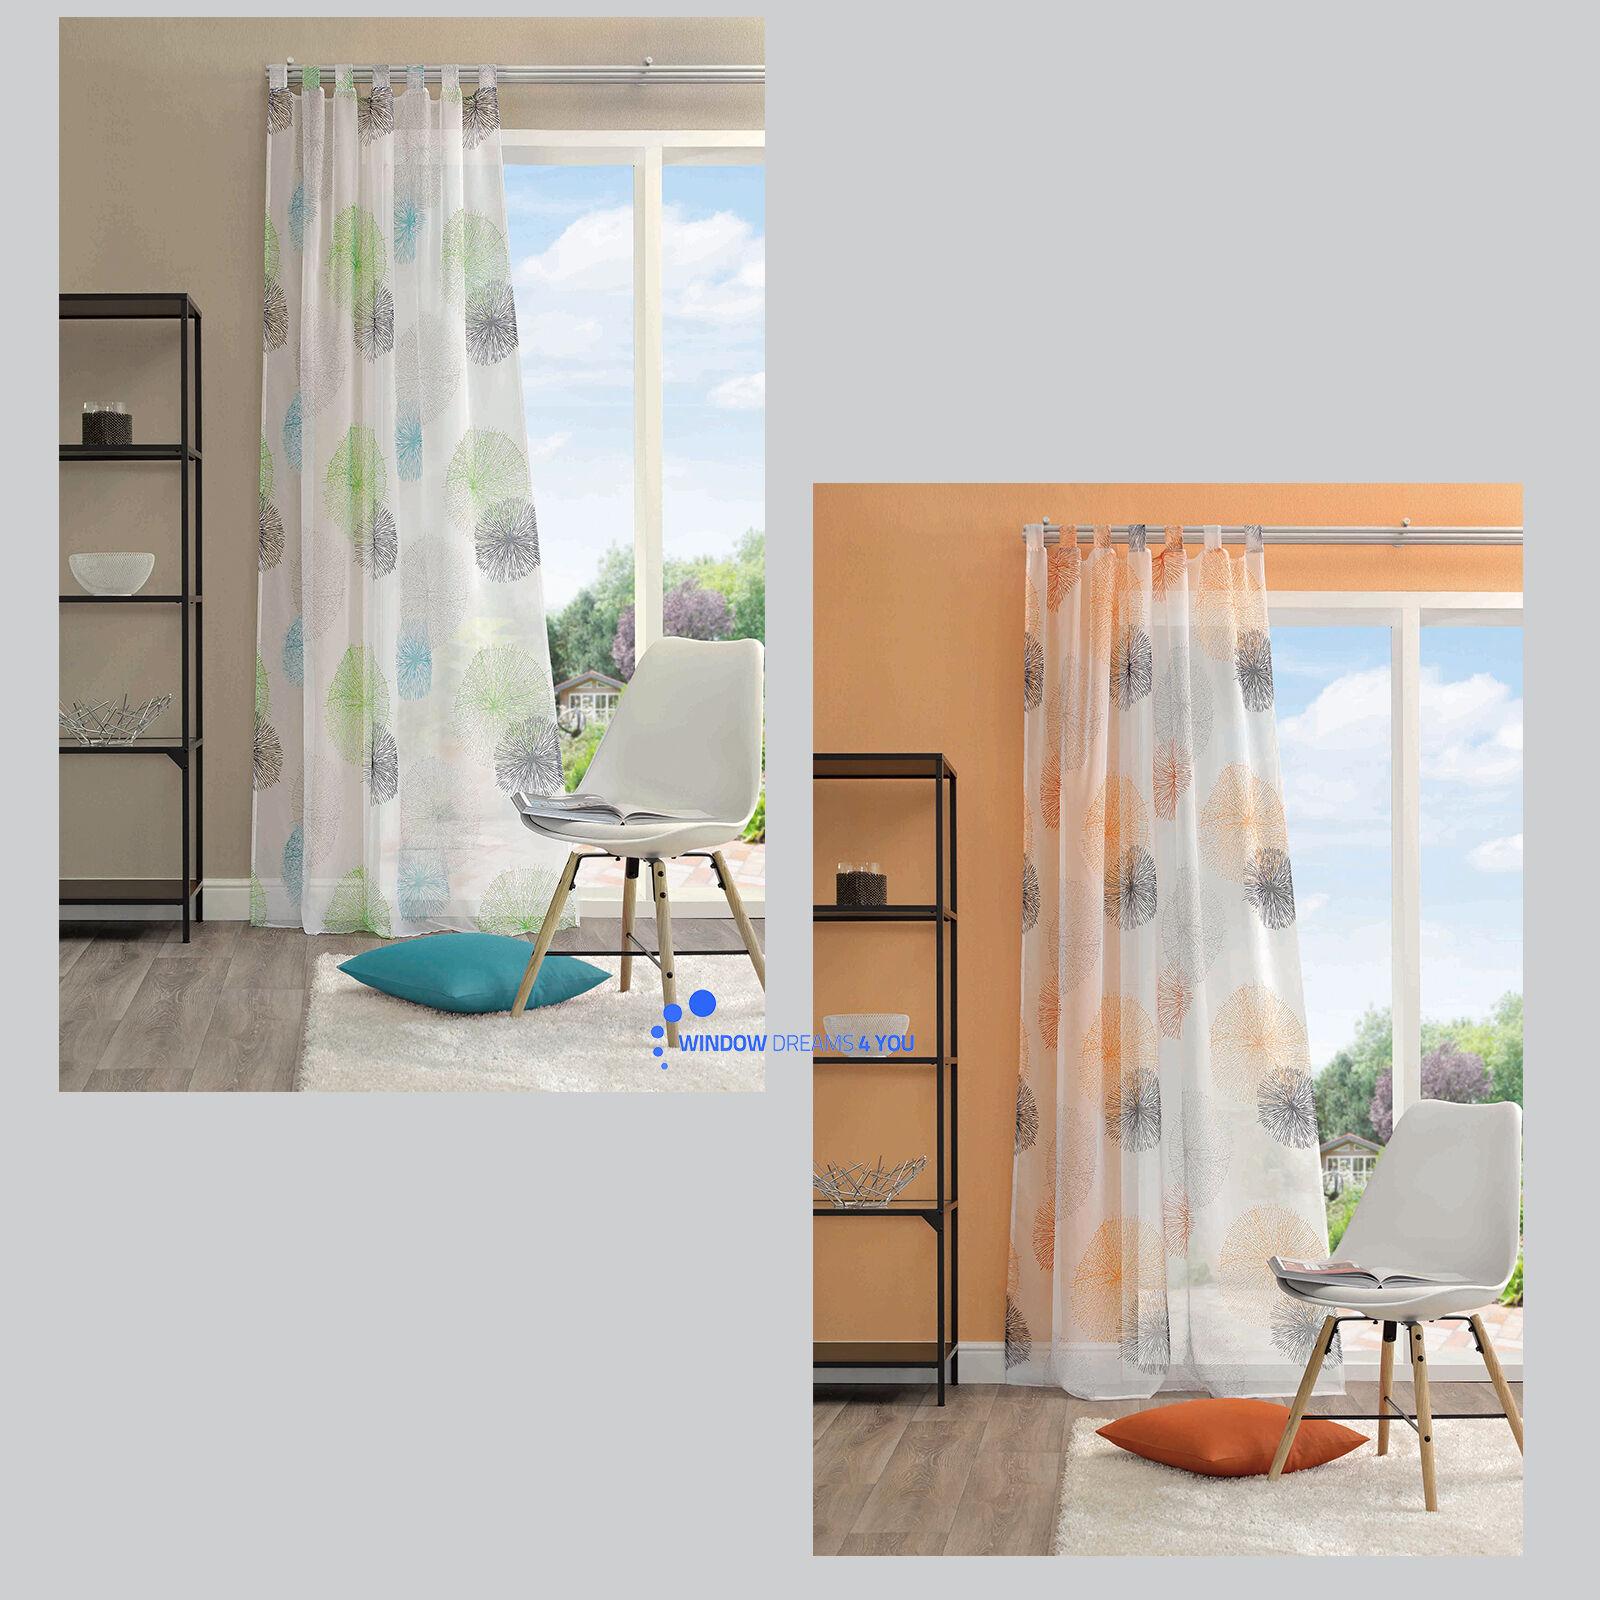 Full Size of Rawlins Kreise Schlaufenschal Gardine Vorhang Schlaufenvorhang Küche Wohnzimmer Schlaufengardinen Kurz